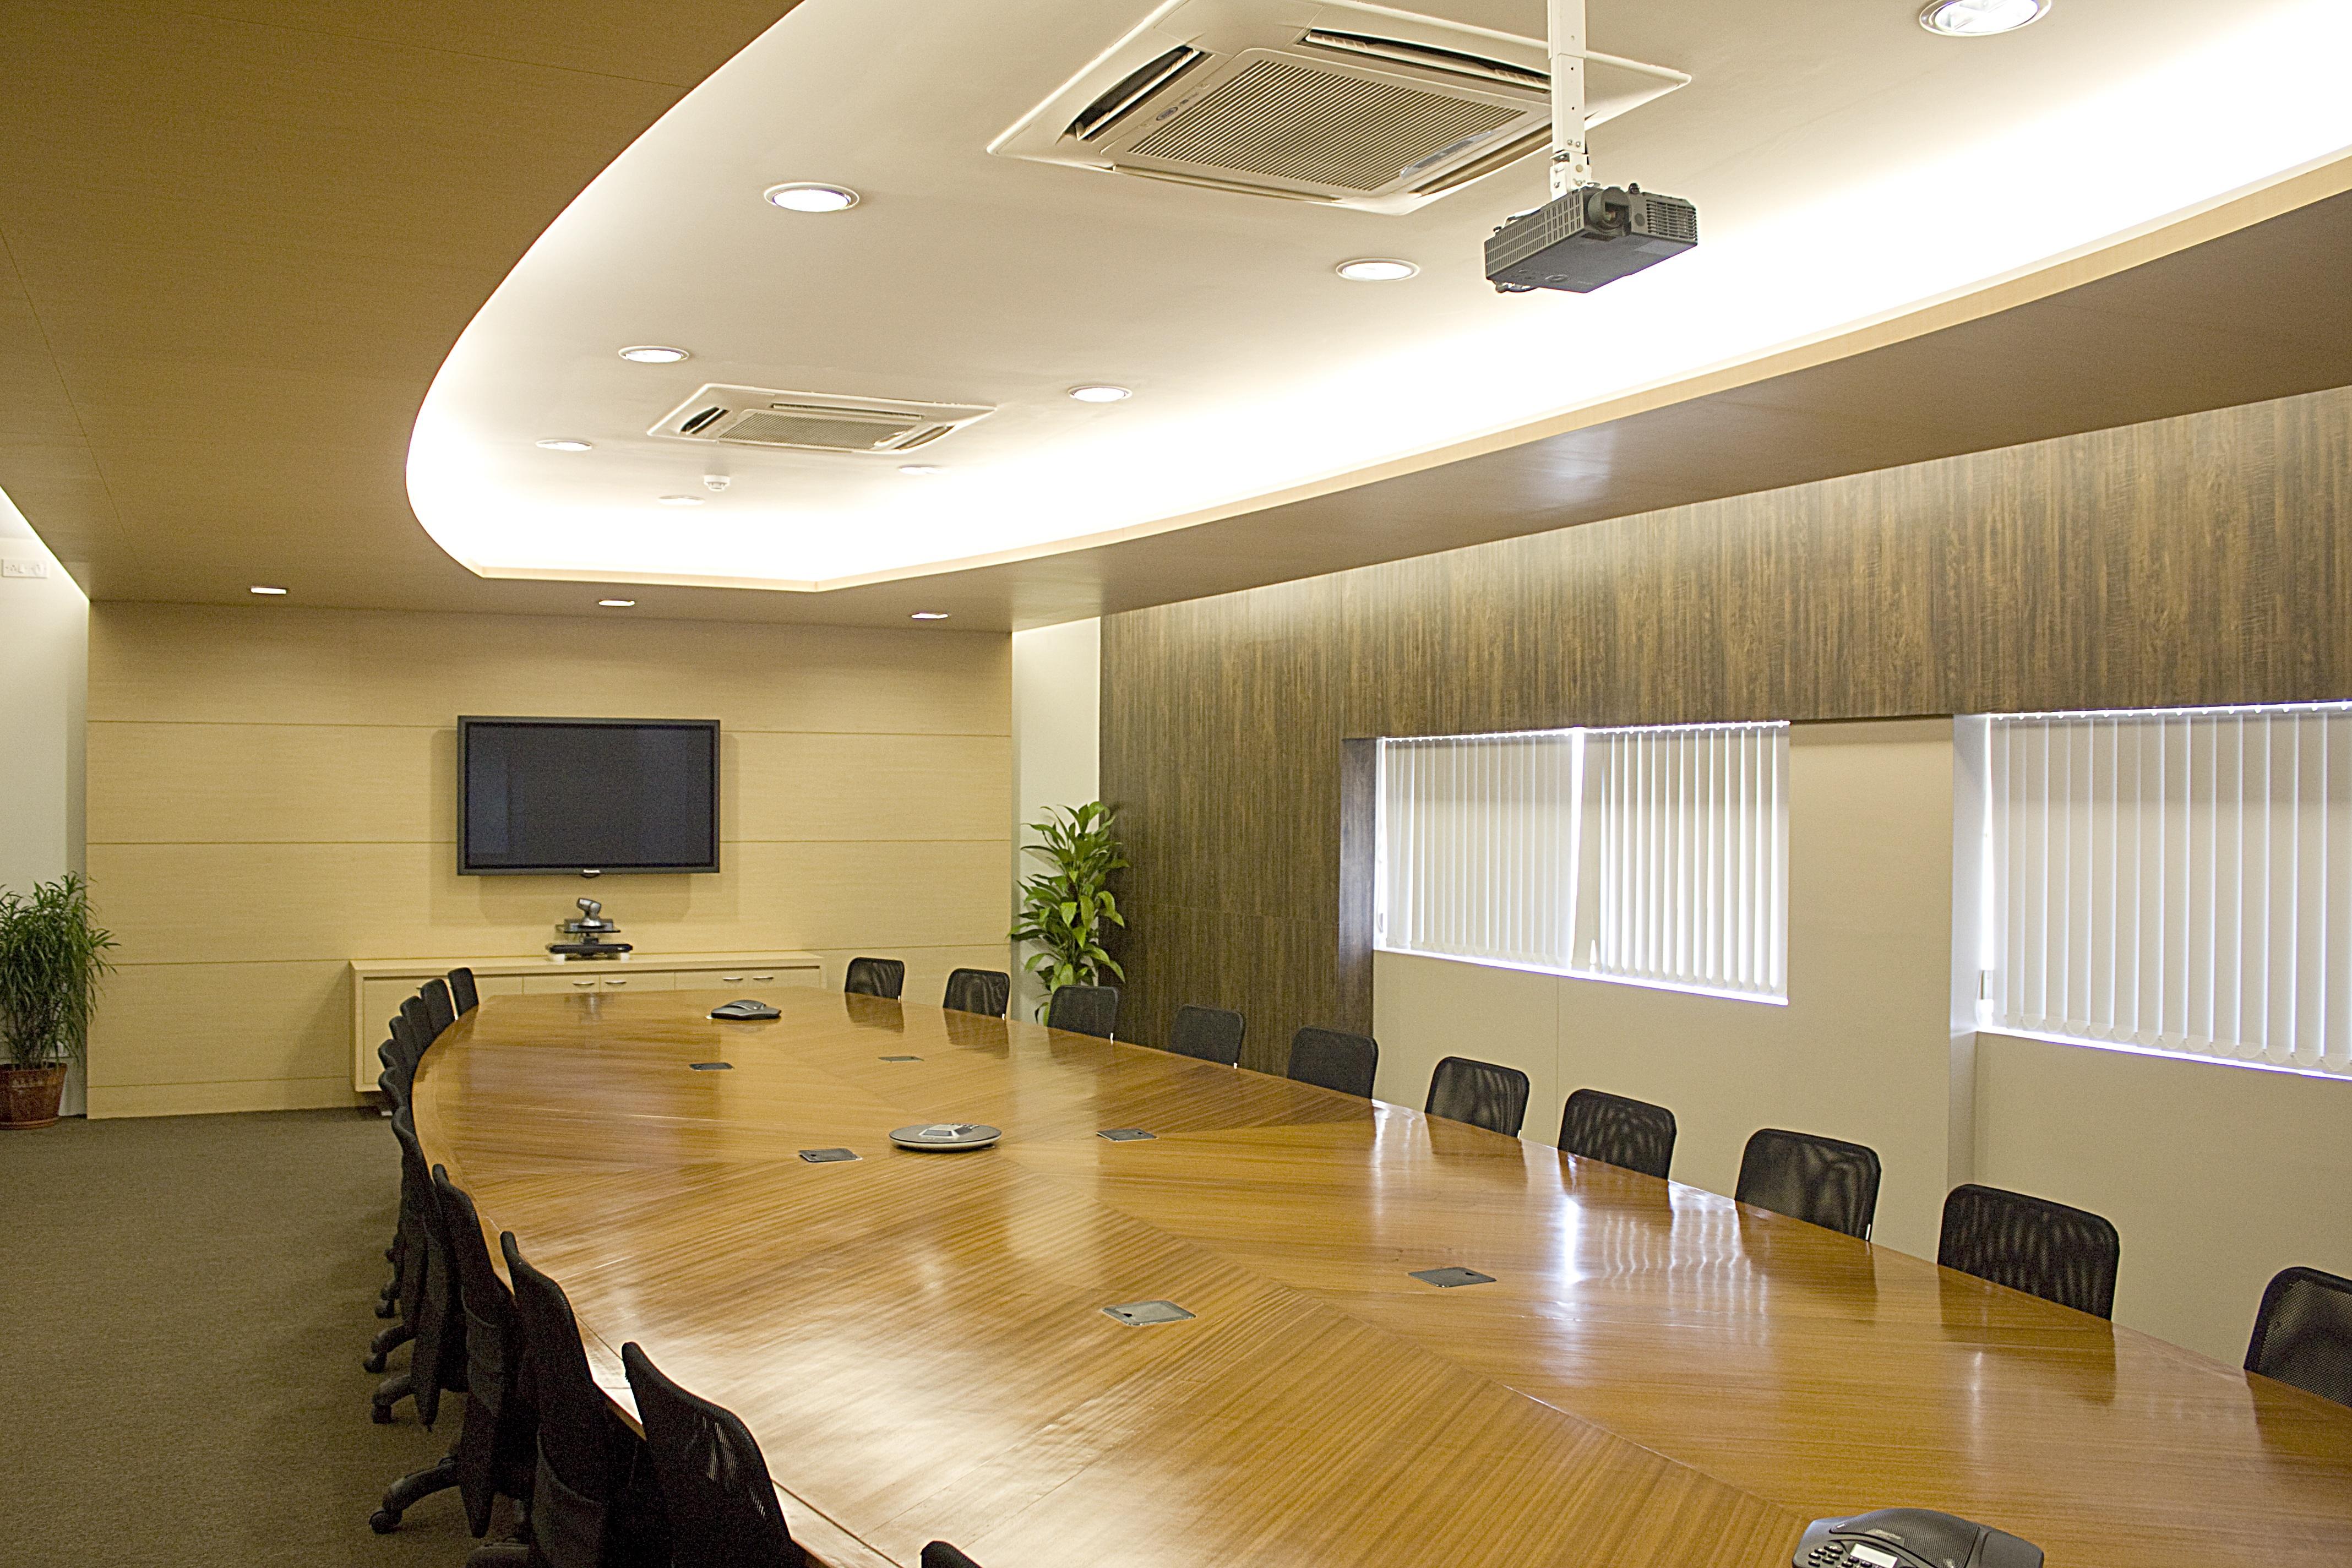 Free images auditorium meeting ceiling corporate - Interior design lighting companies ...